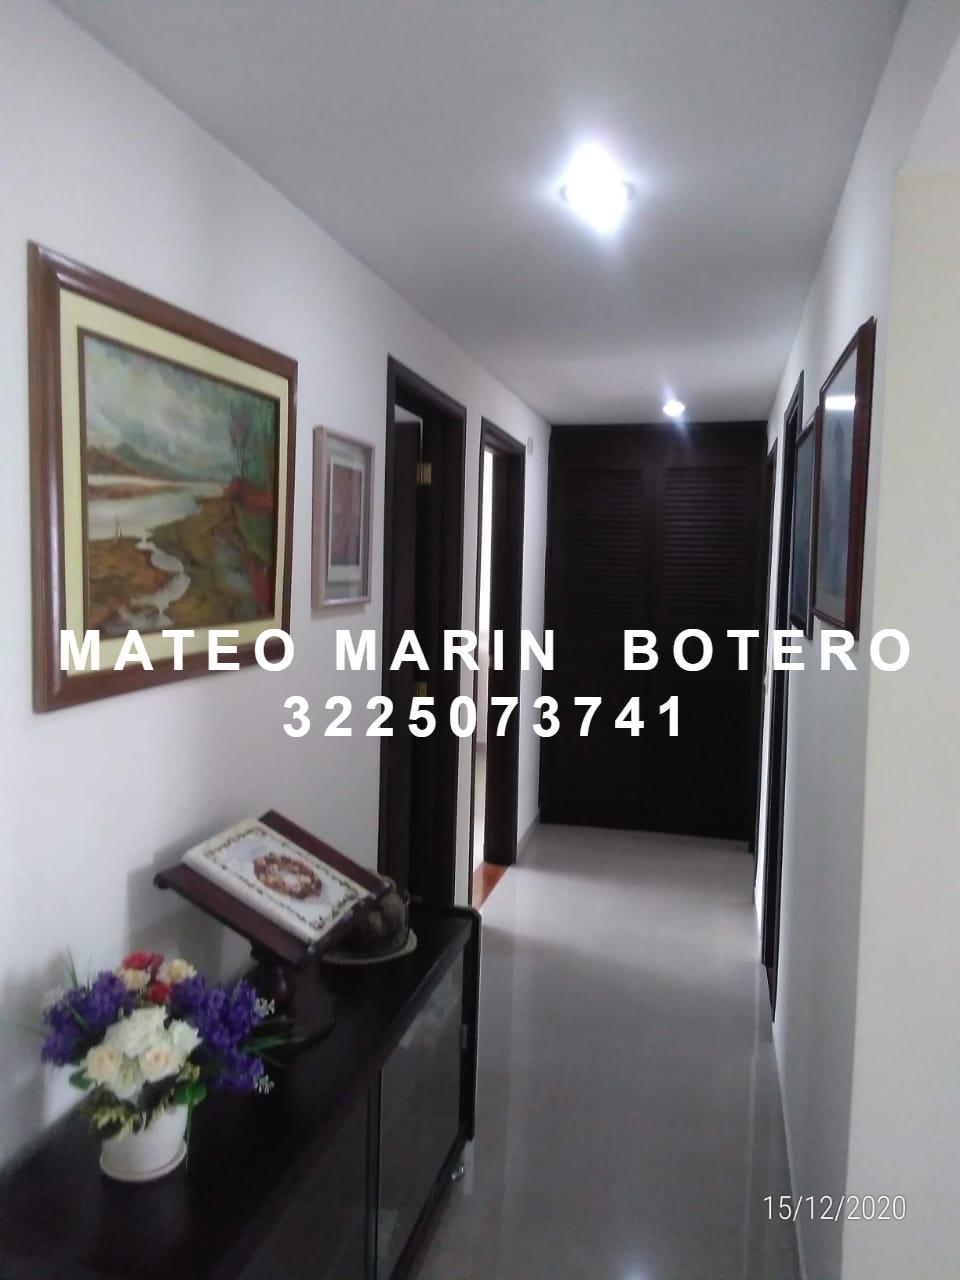 AVOC-0066 Se vende apartamento en Cali, oportunidad de inversión.